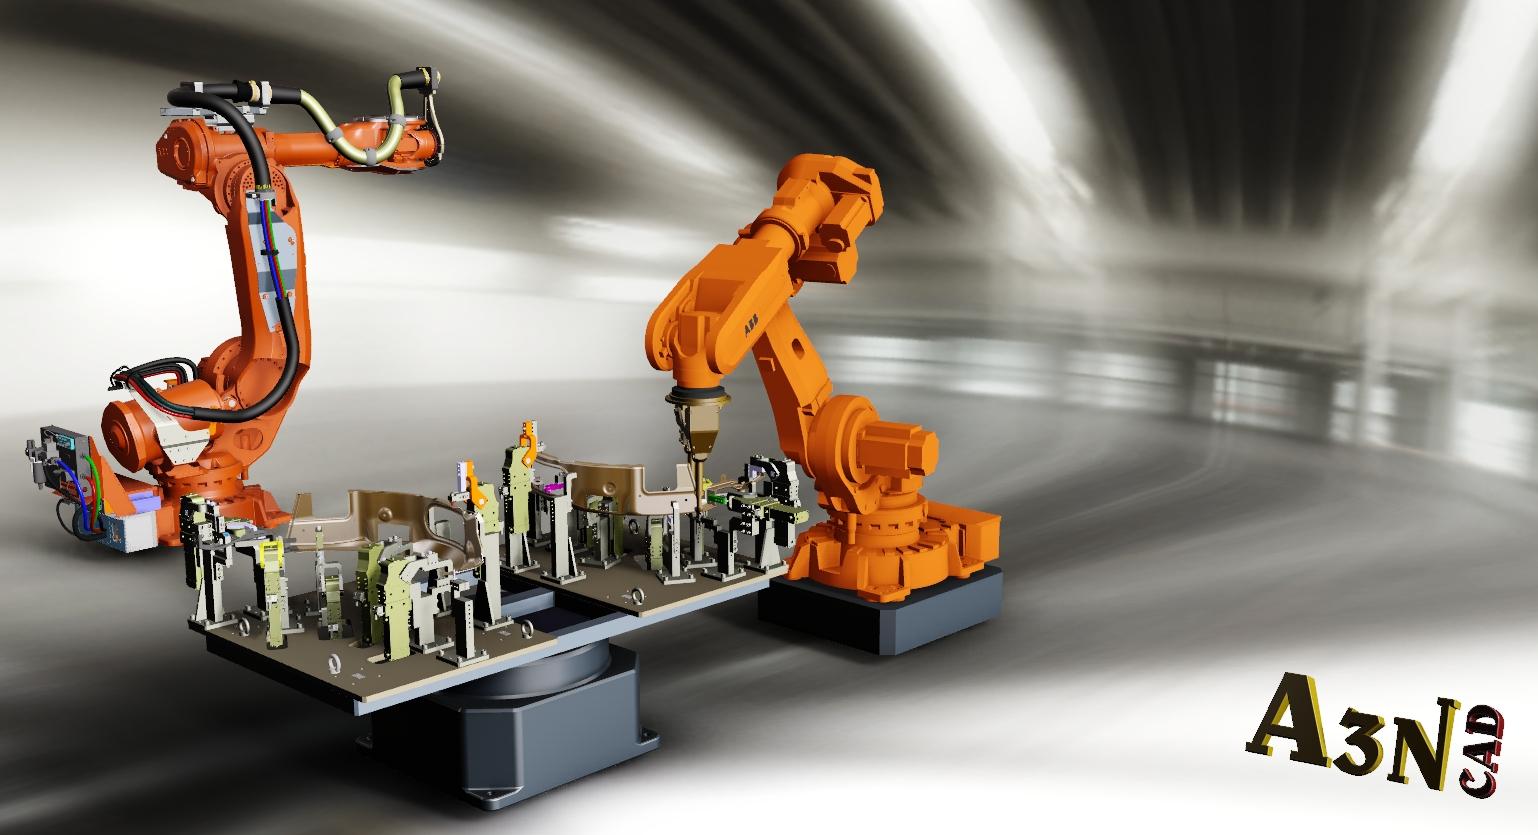 5026  Robot with weldingstation || download free 3D cad models